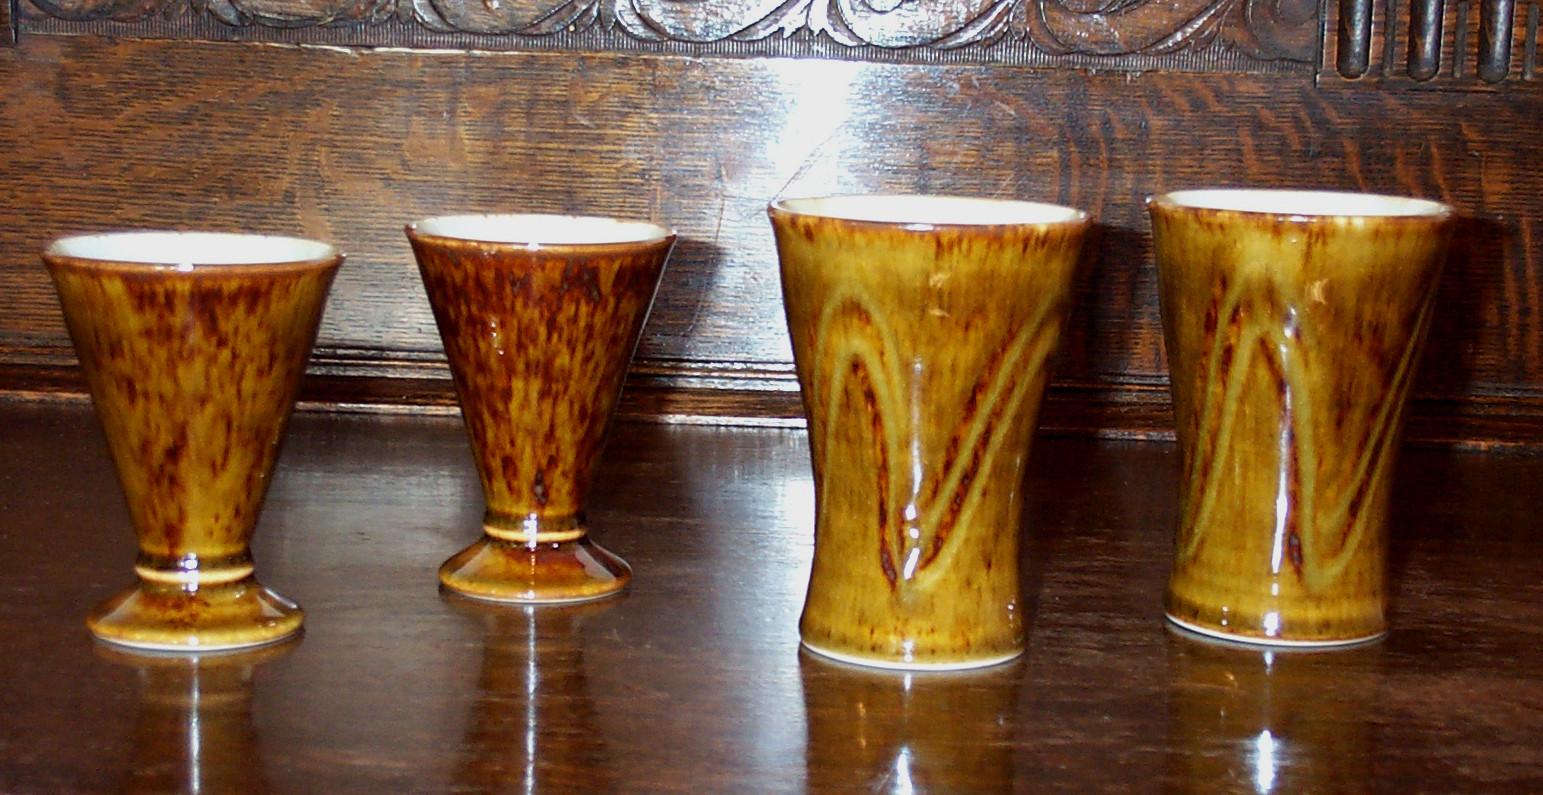 418-421 wine & beer cups.jpg